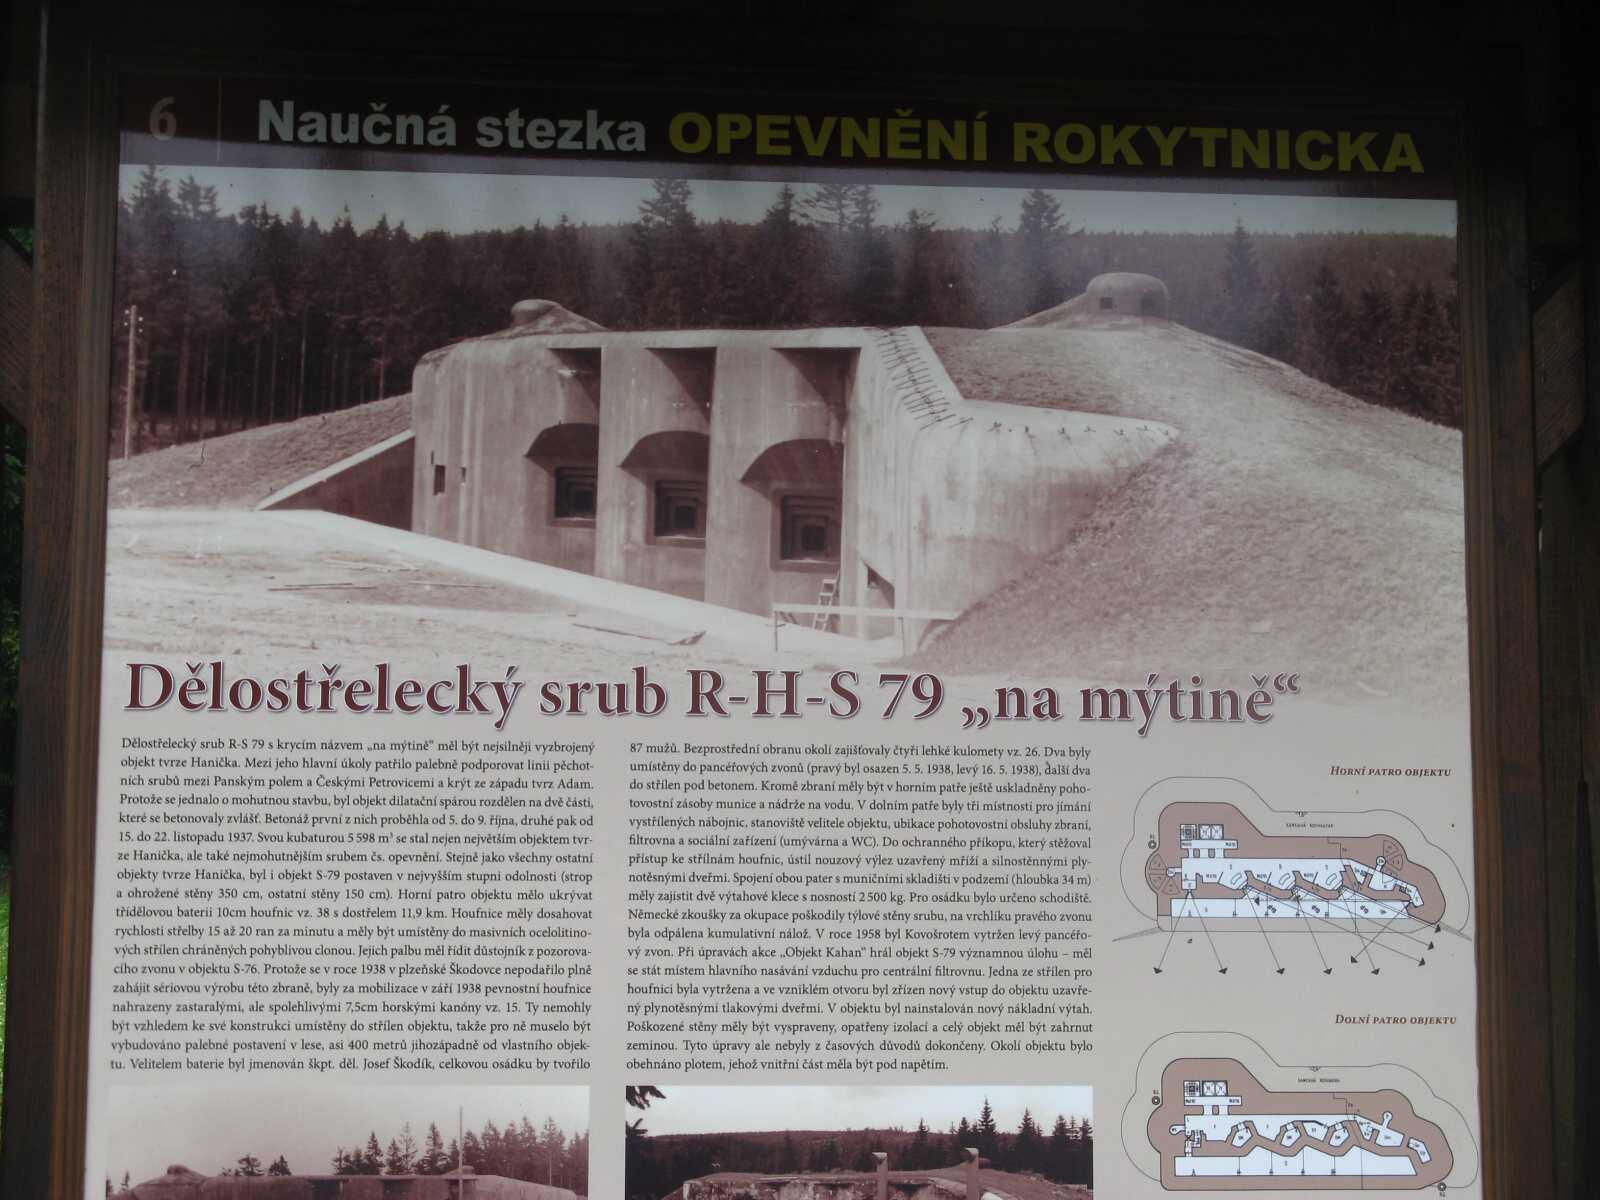 """Dělostřelecký srub R-S-H 79 """"Na mýtině"""" - součást tvrze Hanička, budovaný jako součást těžkého opevnění na hranici s nacistickým Německem - dobová fotka, na informační ceduli."""